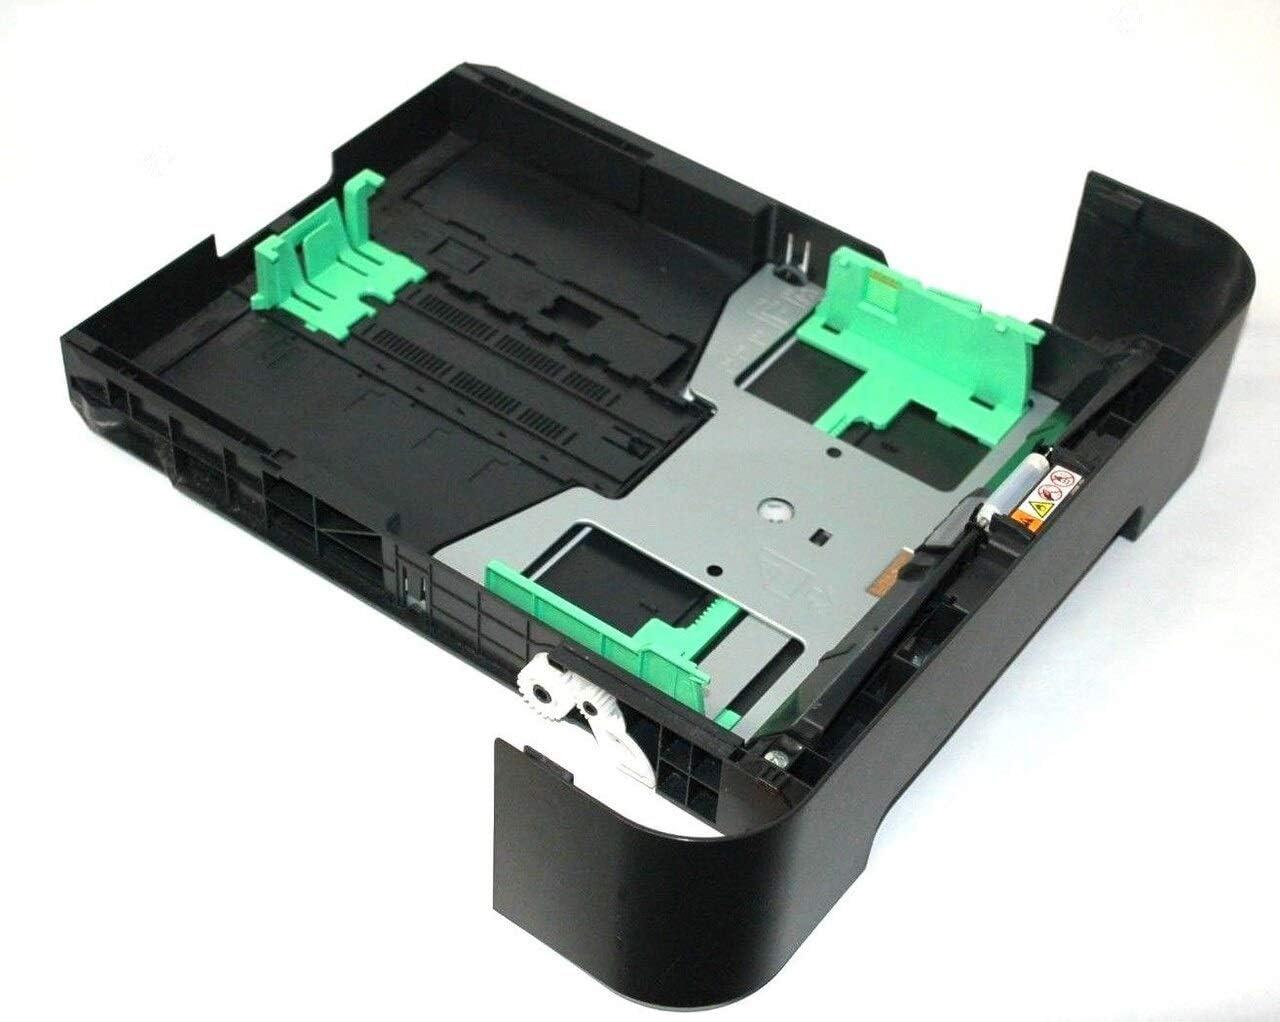 HL-2270DW Brother OEM Paper Cassette Assembly HL-2275DW HL-2240D HL-2230 HL-2240 HL-2250DN